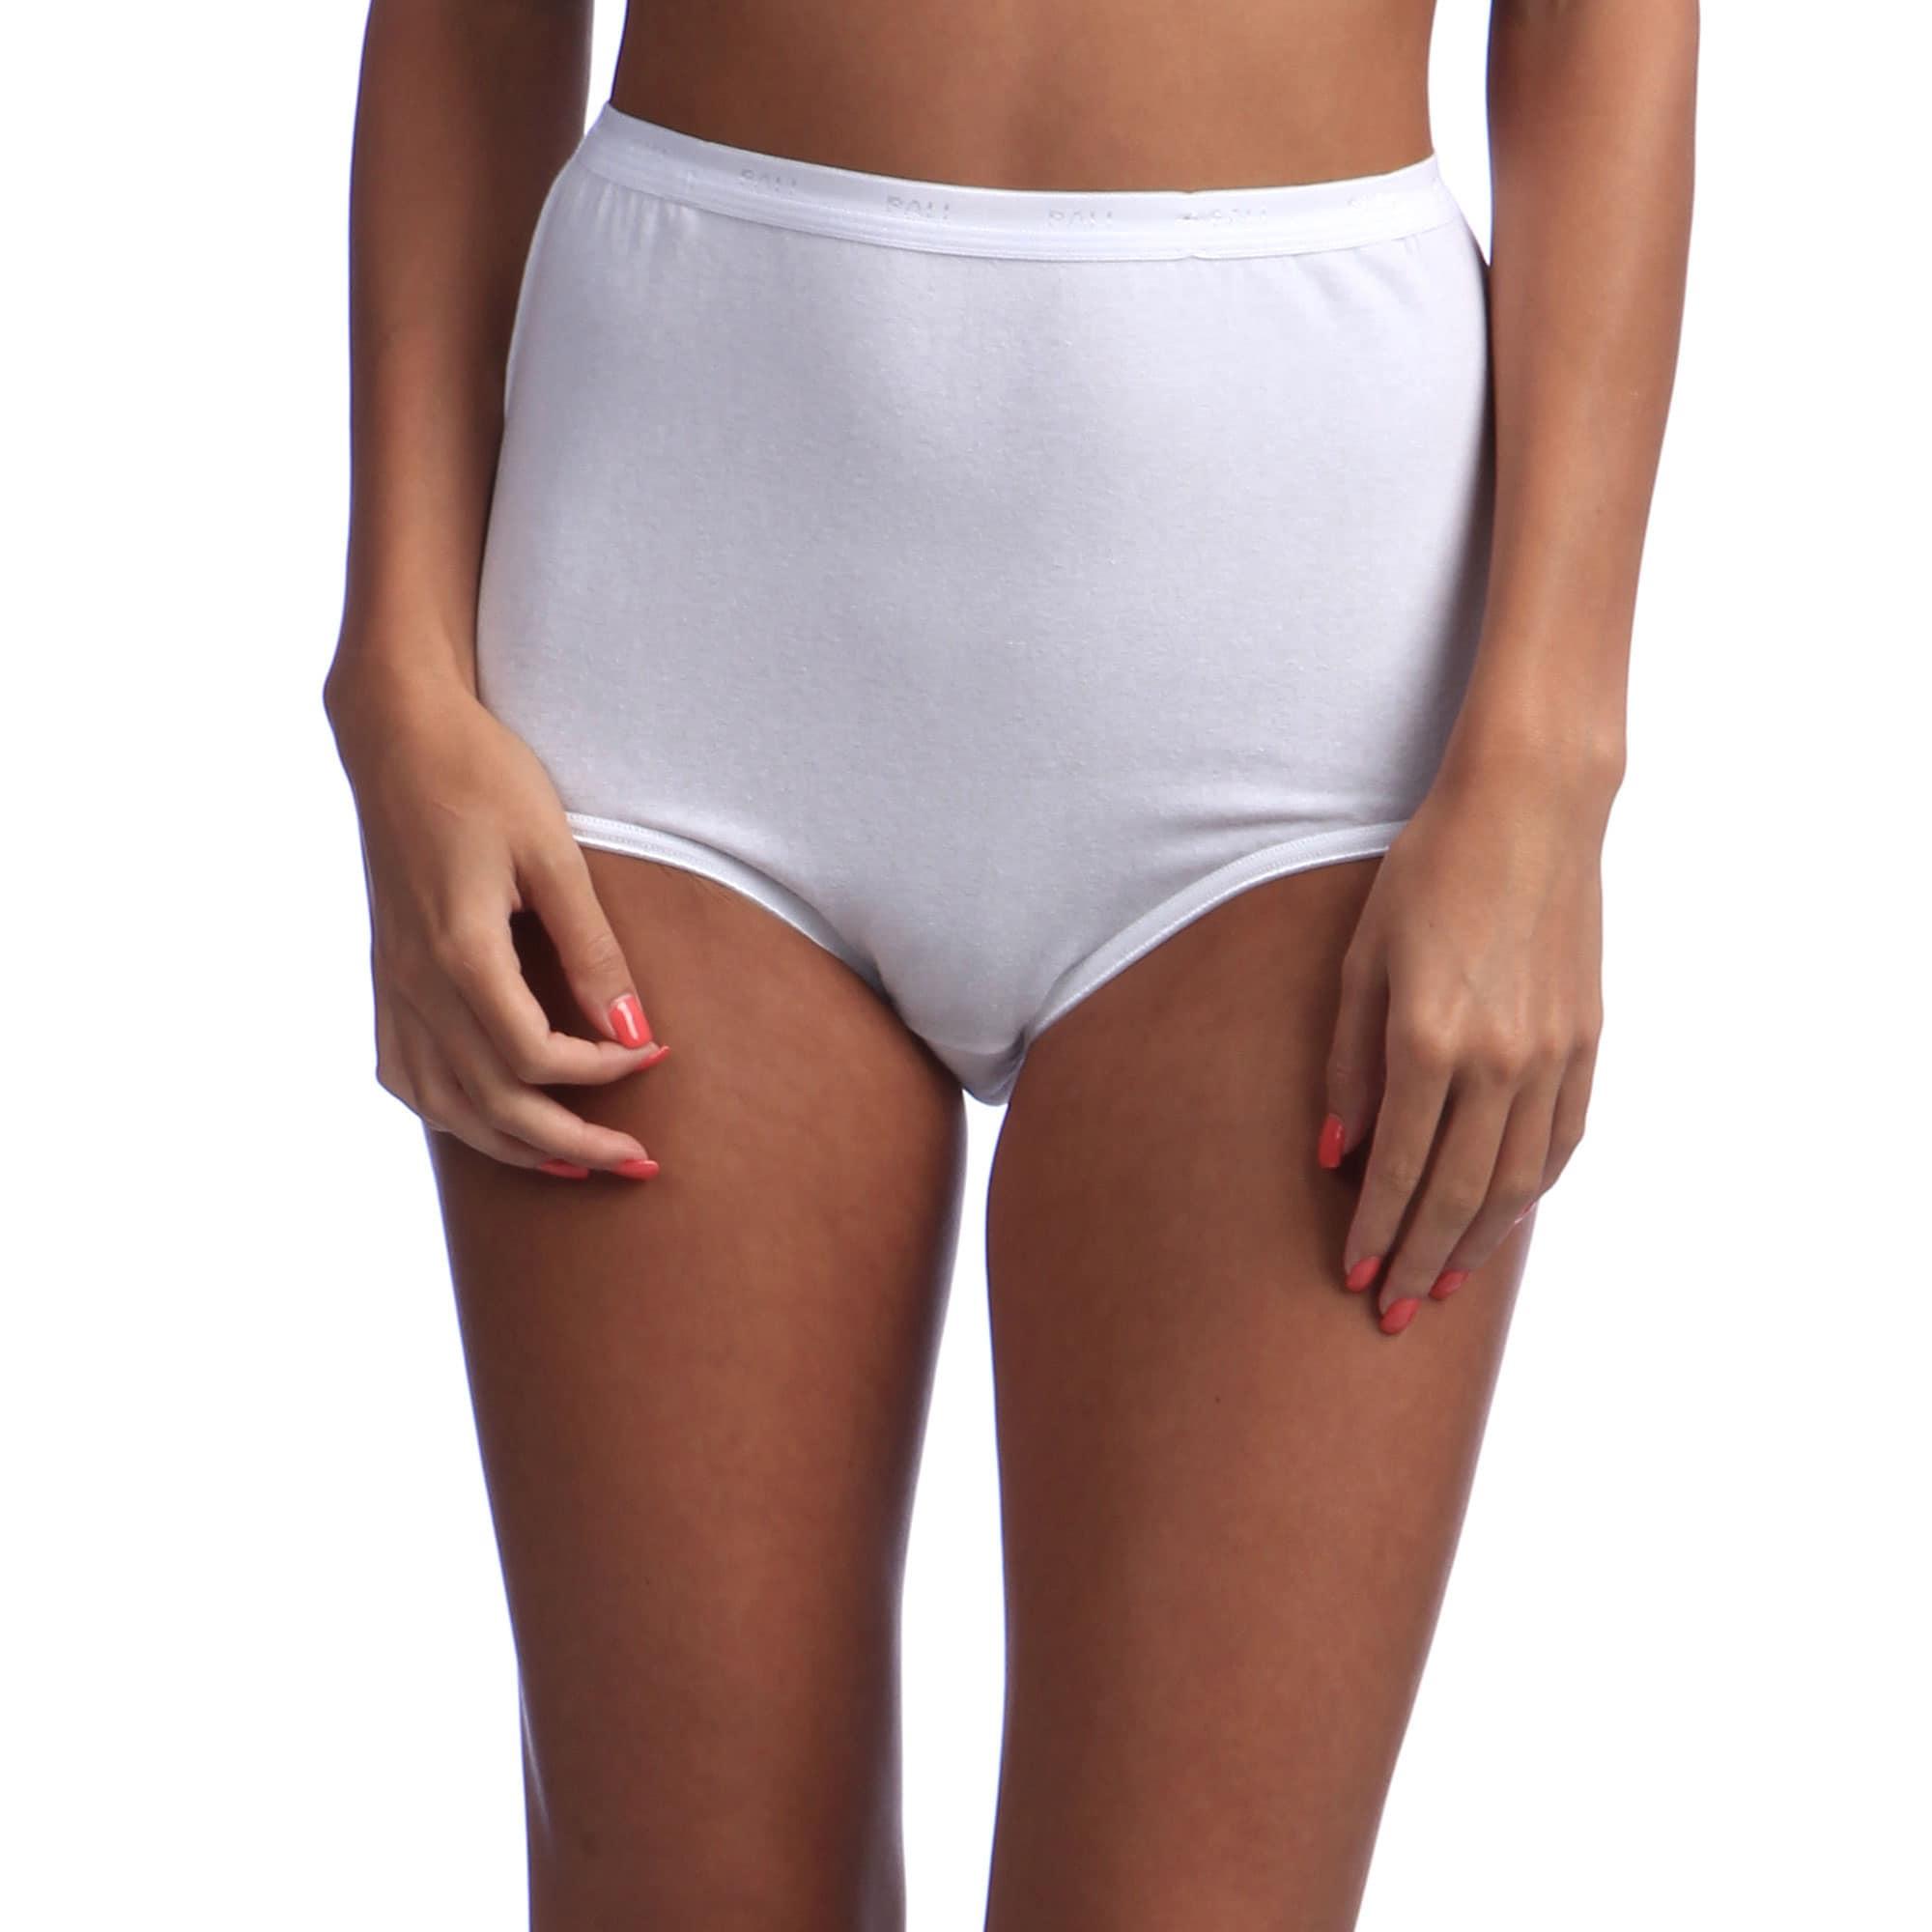 Full Cut Briefs Panties